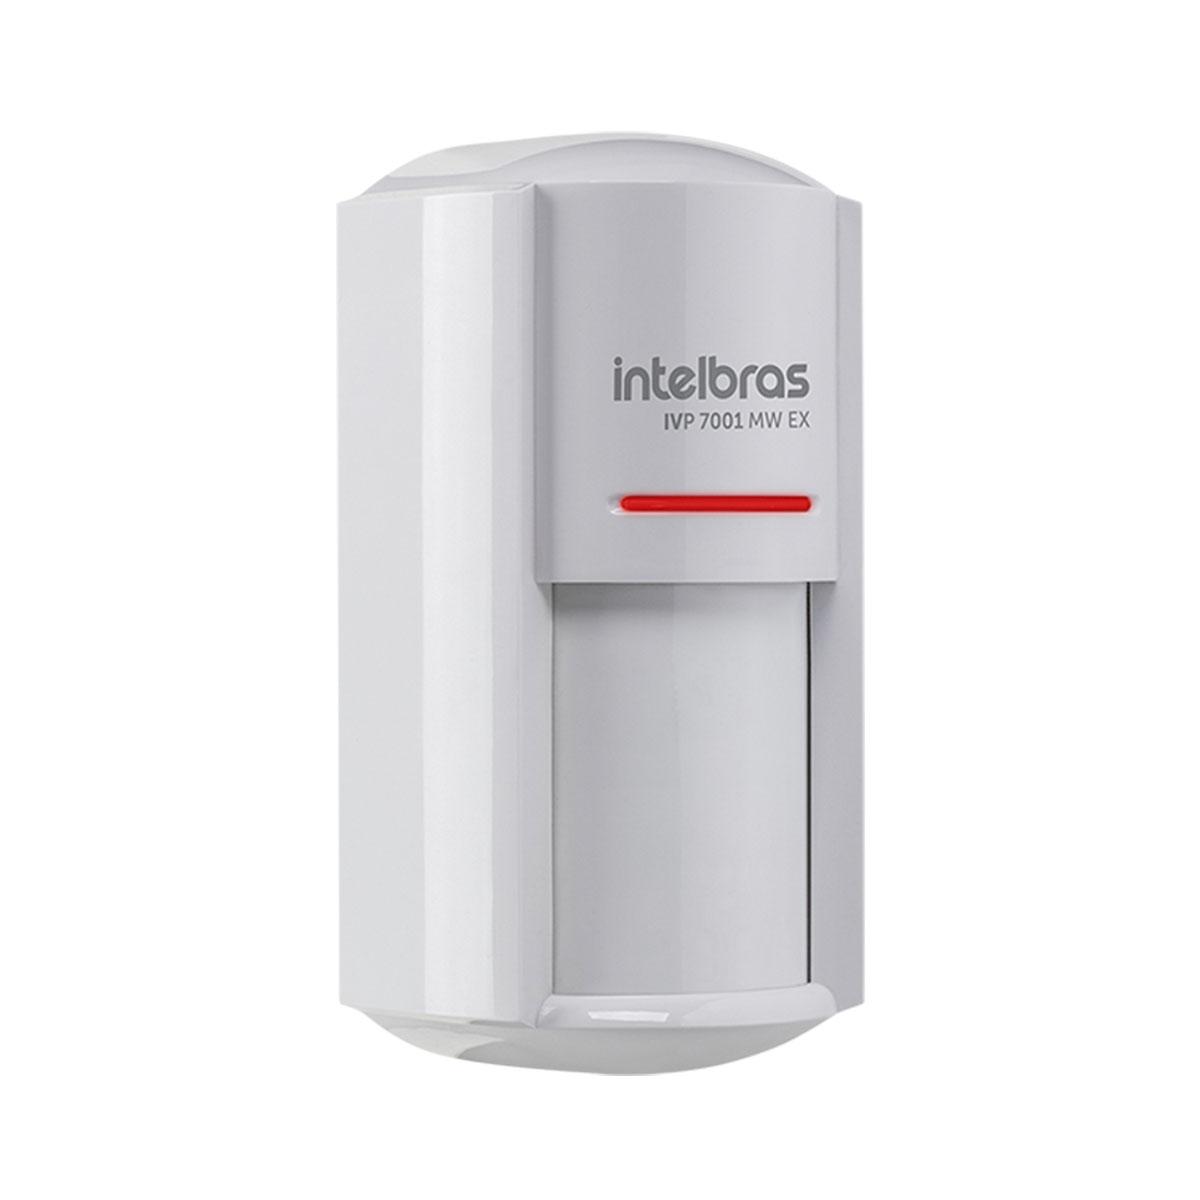 Kit 10 Sensor Externo Com Fio Intelbras Ivp 7001 Mw Ex